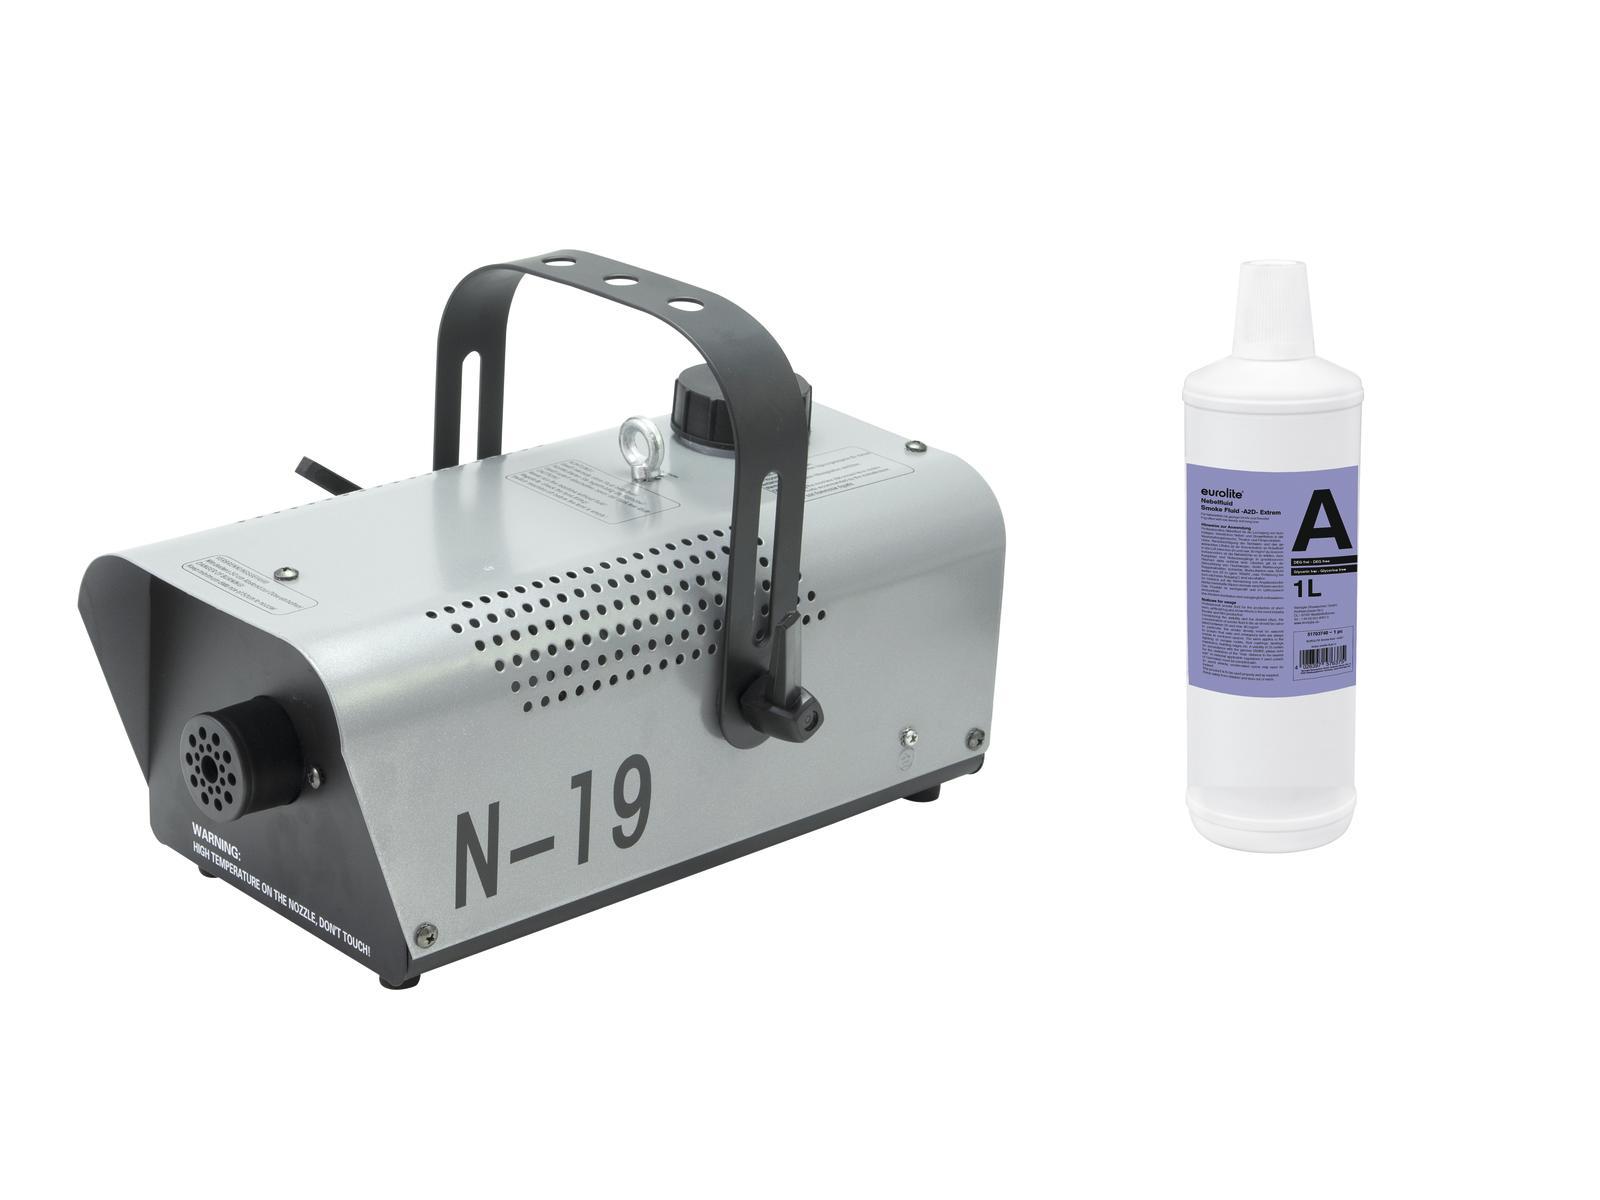 EUROLITE N Set-19 macchina del Fumo argento + A2D Azione di fumo liquido